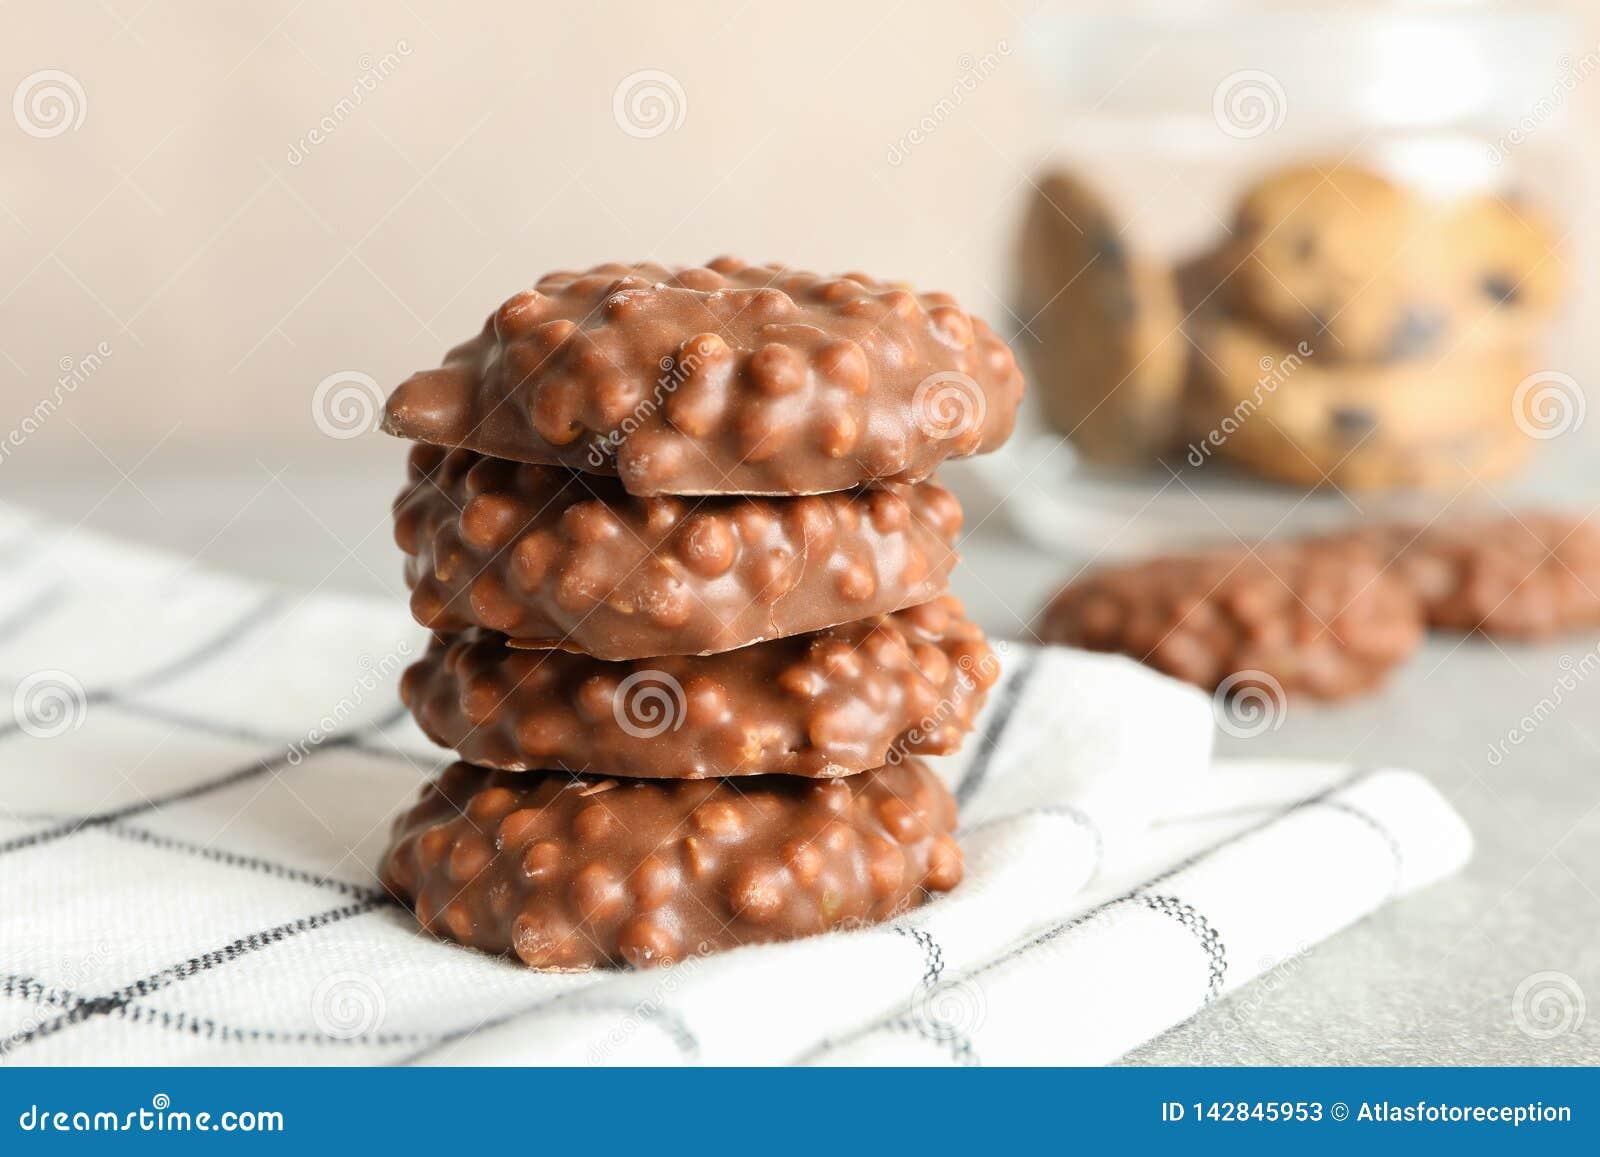 Stapel chocoladekoekjes op keukenhanddoek tegen lichte achtergrond